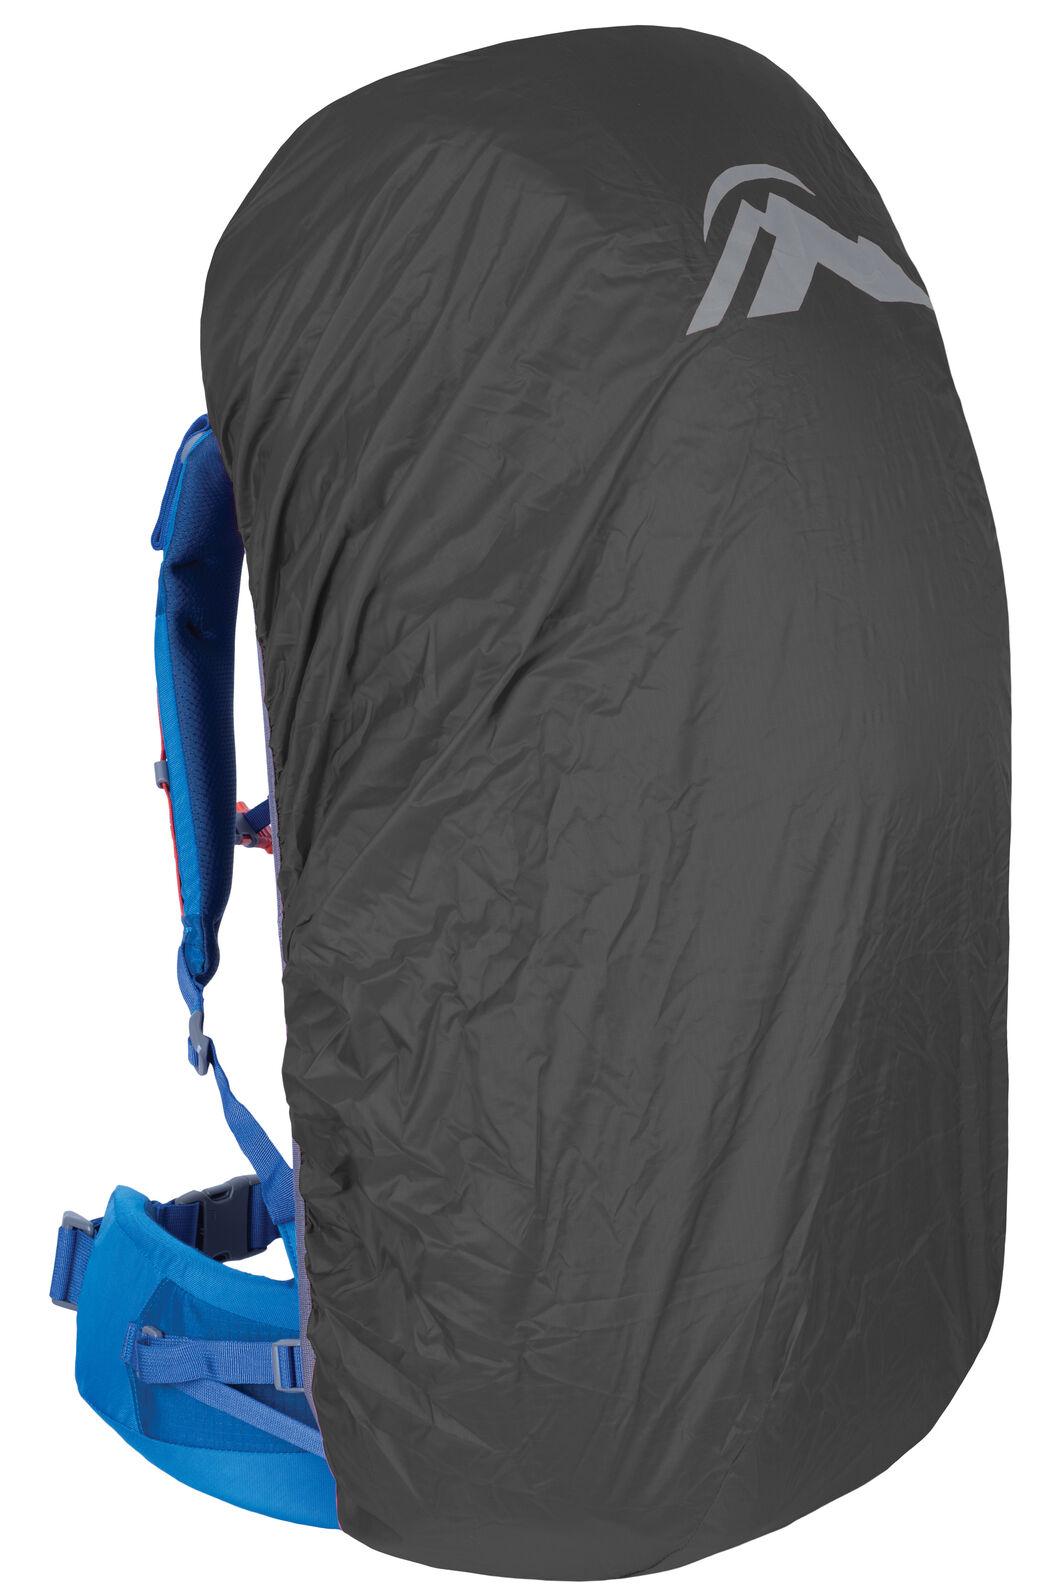 Macpac Pack Raincover Medium, Charcoal, hi-res